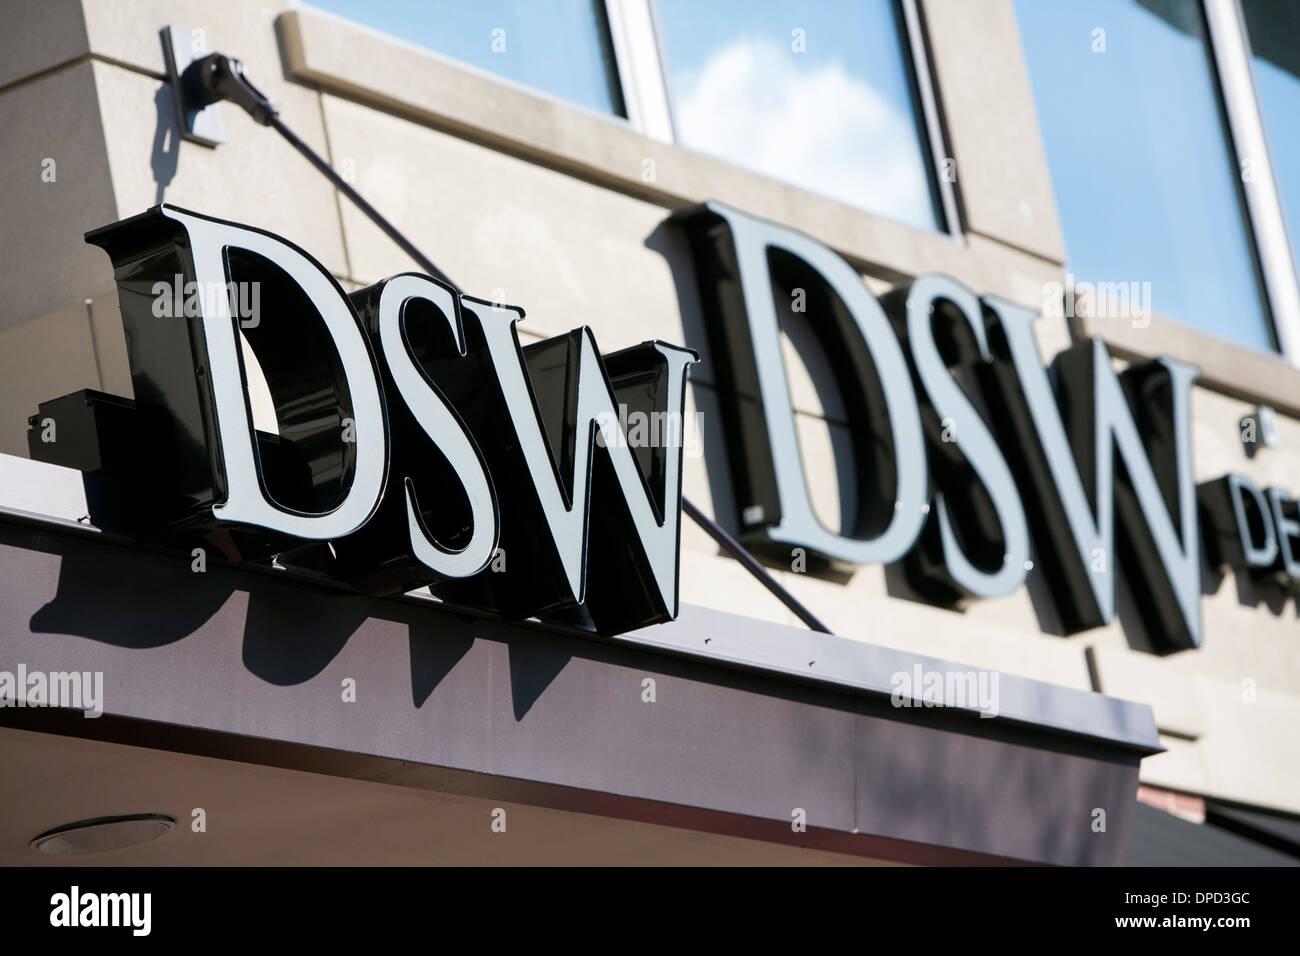 dpd shop münster